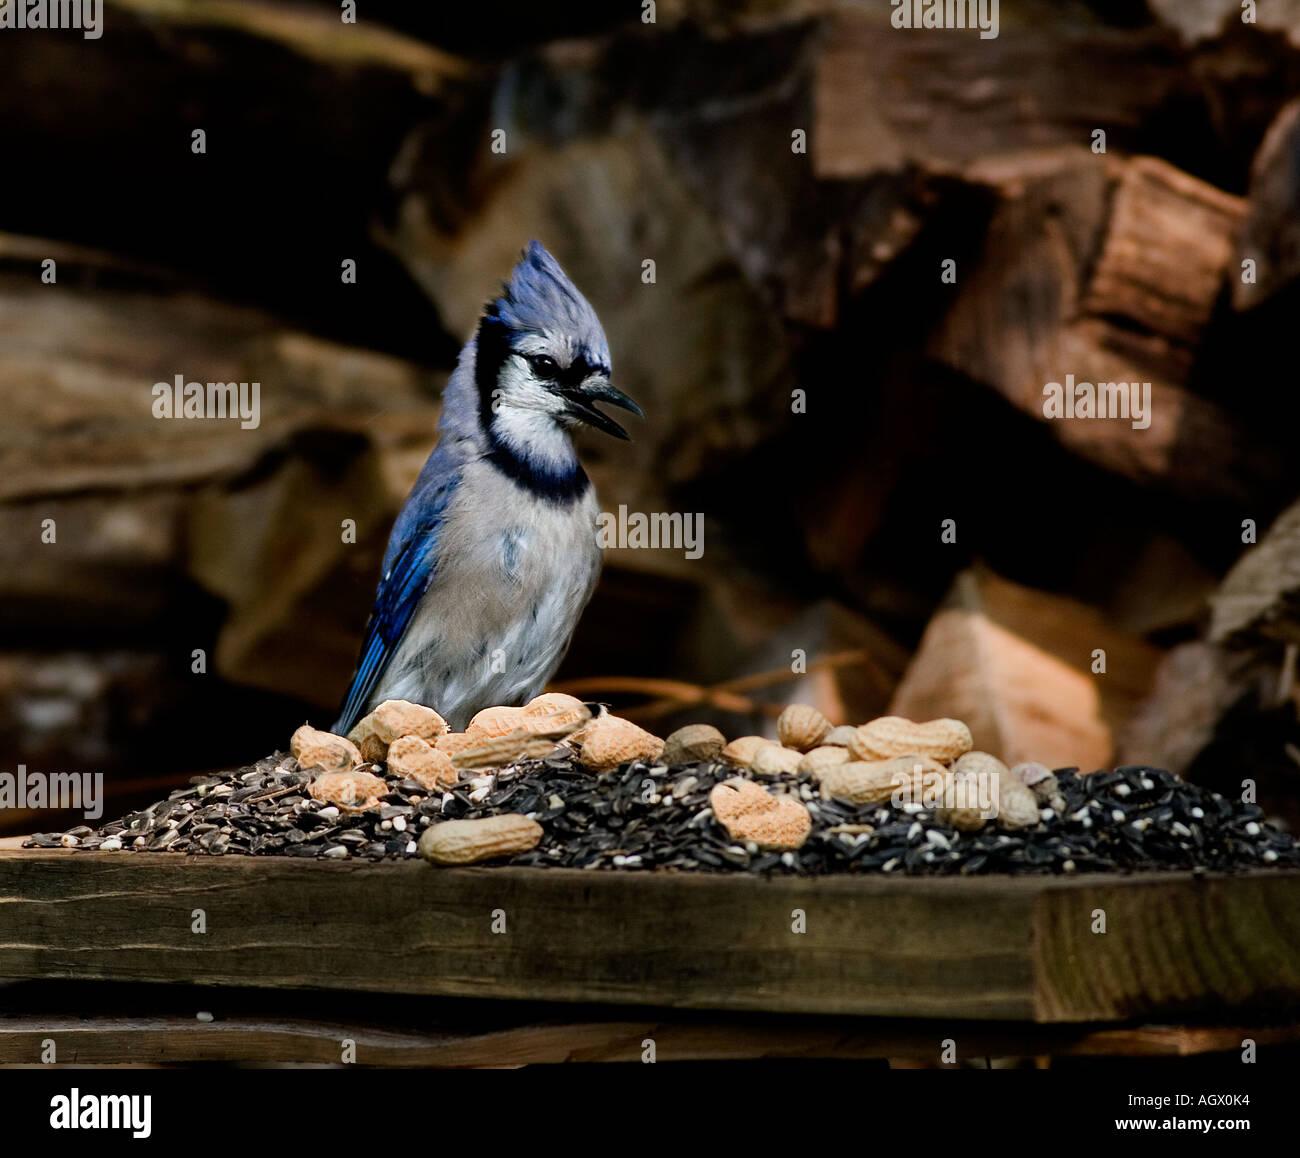 BlueJay Federn bis auf einen Haufen Erdnüsse und Sonnenblumenkerne durch den Holzhaufen. Stockbild